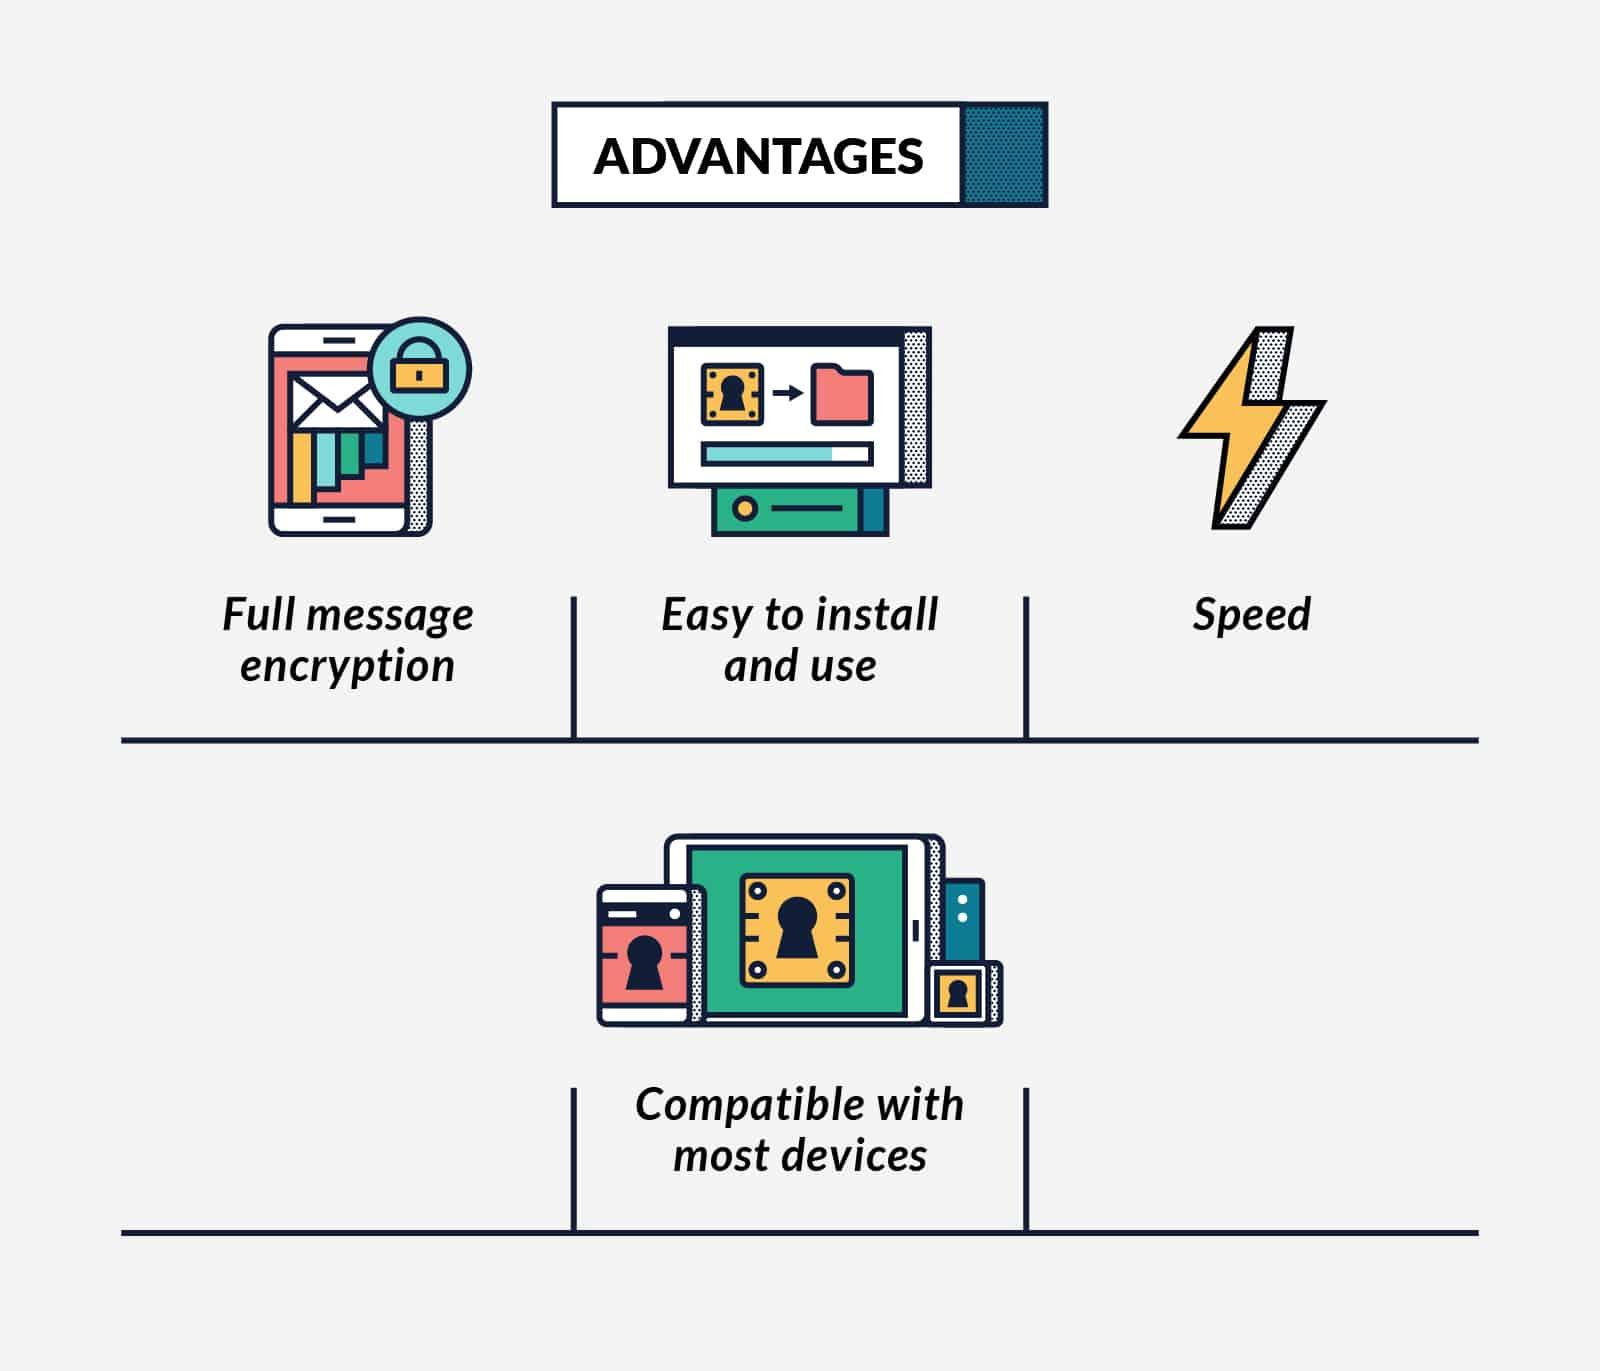 Advantages of VPNs